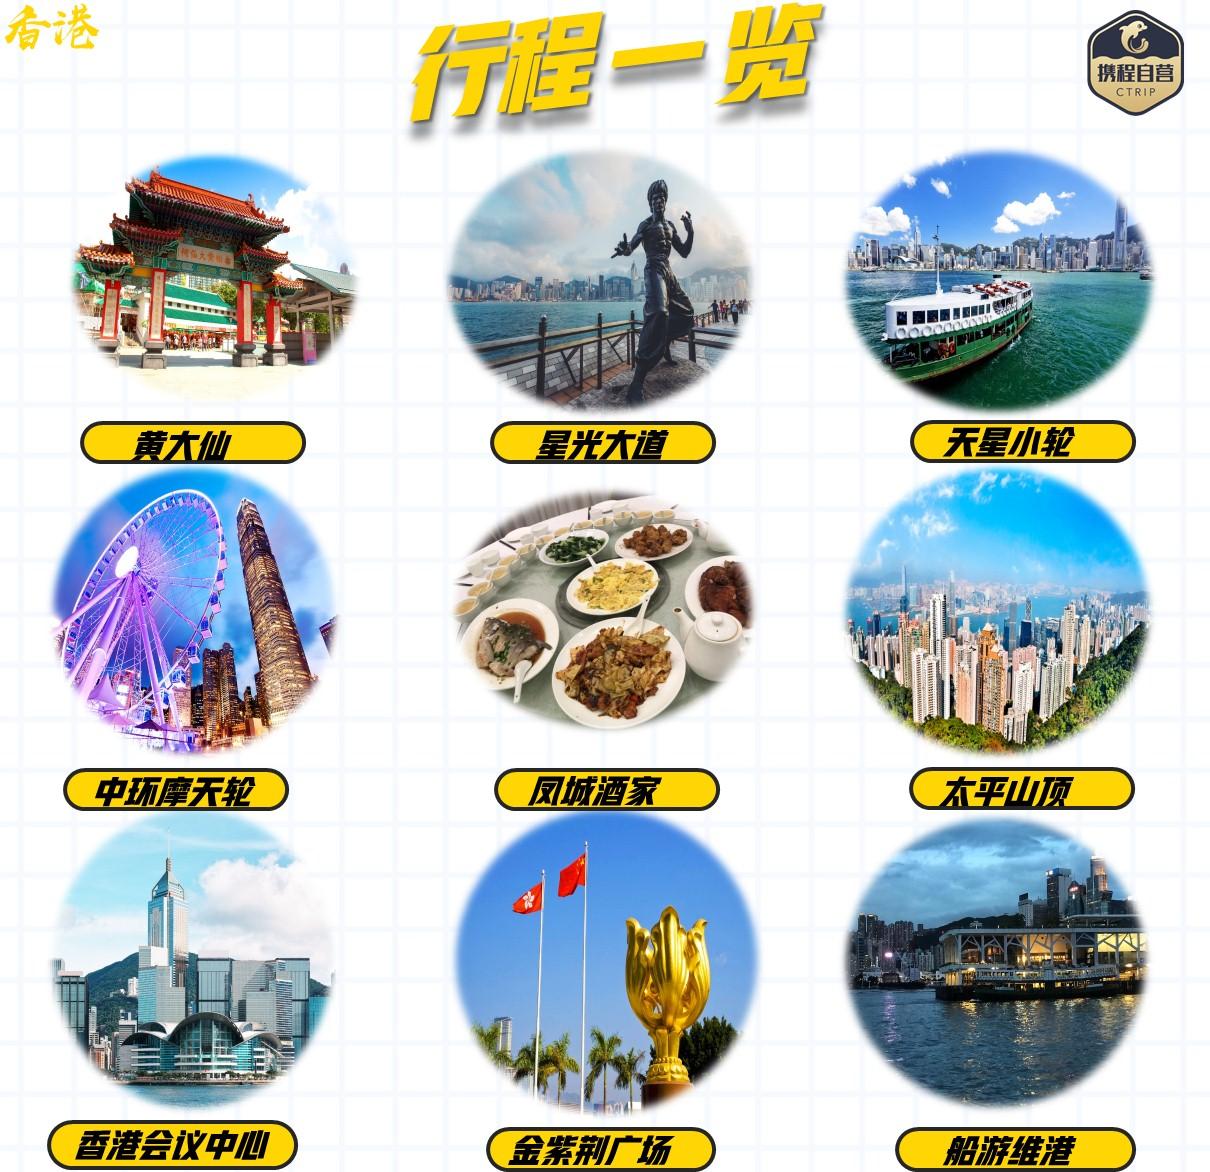 广州珠海长隆+广东长隆+香港6日5晚半自助游之子2攻略龙战士使命图片